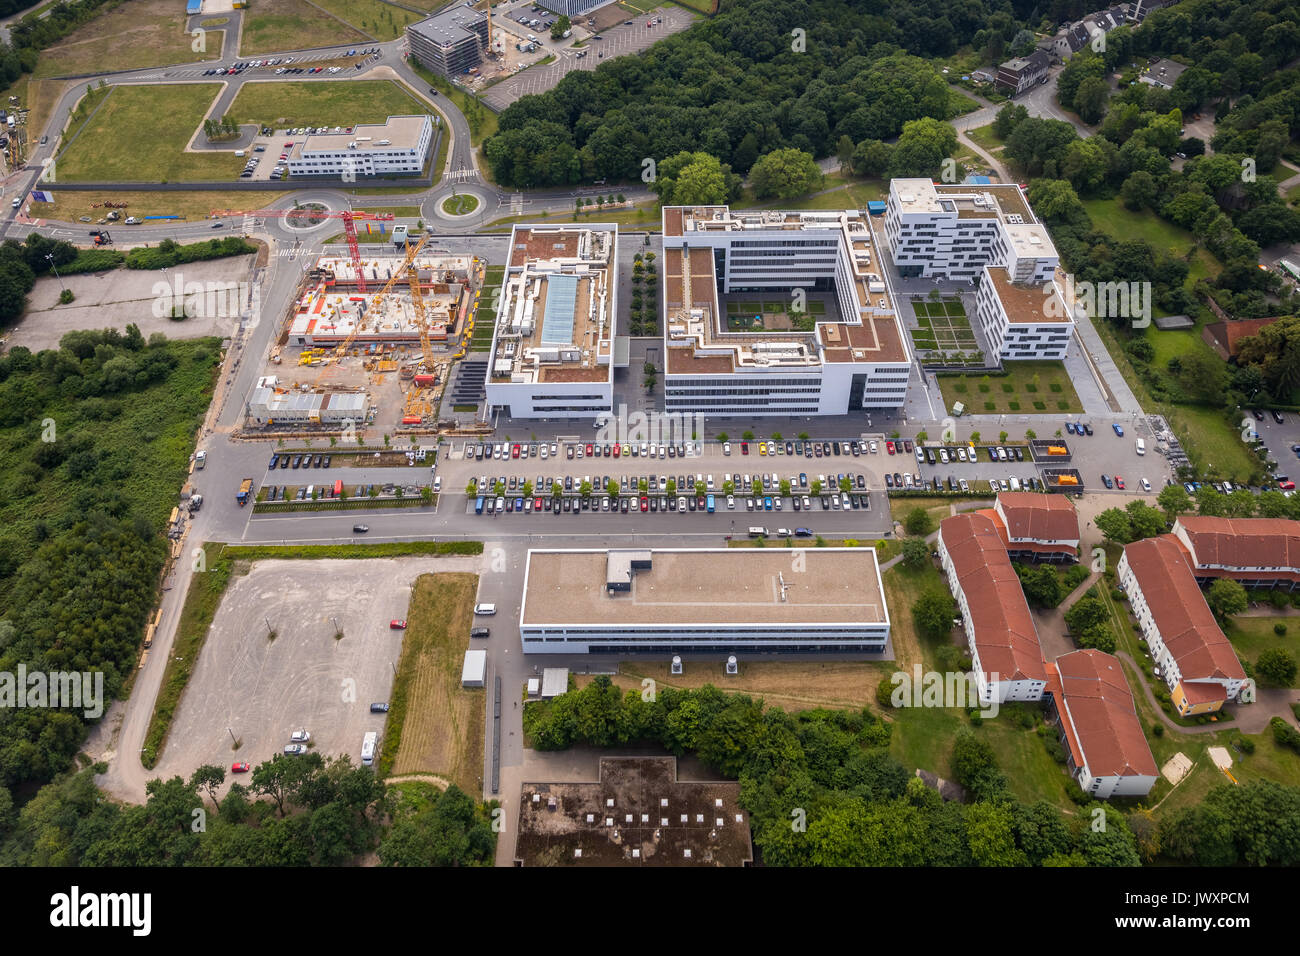 Hochschule für Gesundheit, Bochum, Gesundheitscampus,  Bochum,  Deutschland, Europa, Luftaufnahme, Luftbild, Luftbildfotografie, Luftfotografie, Nordr - Stock Image